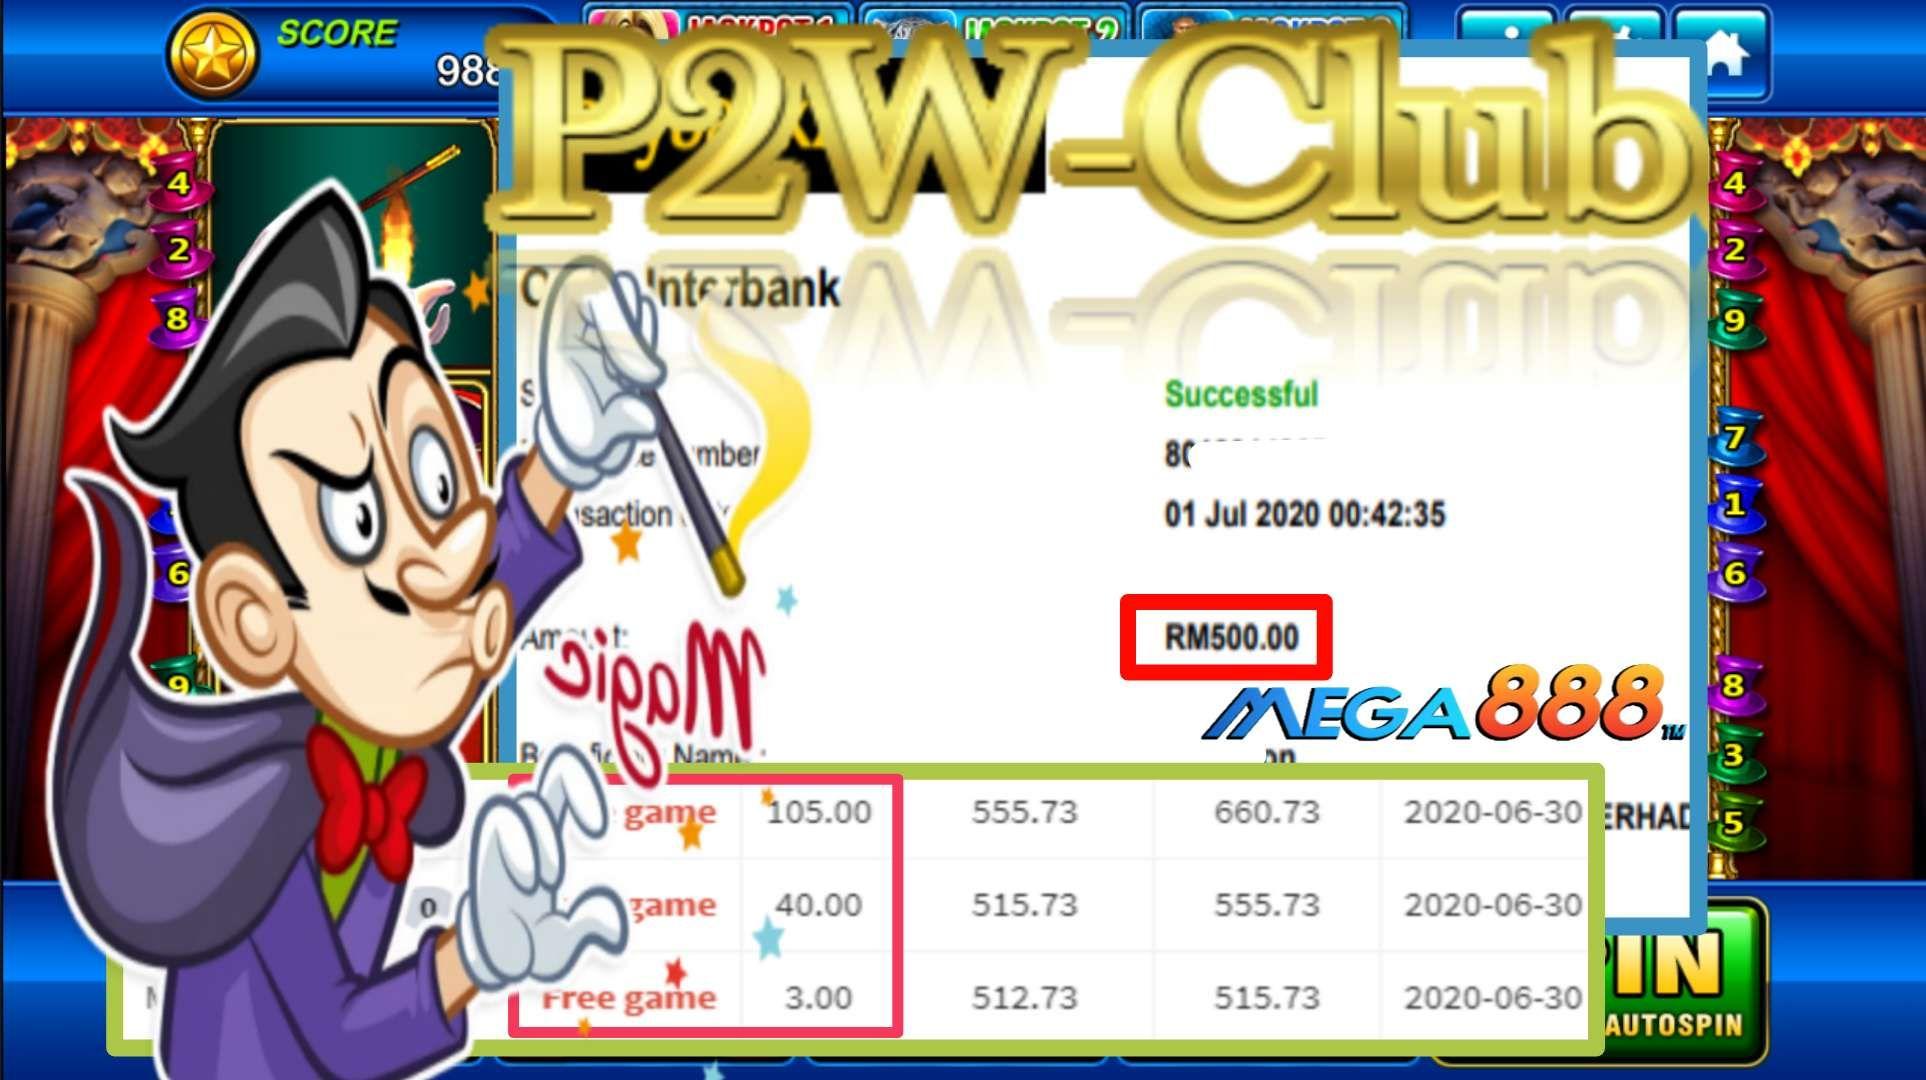 Mega888 Magic Free Games Kredit Jackpot Online Casino Malaysia| P2W-Club.com